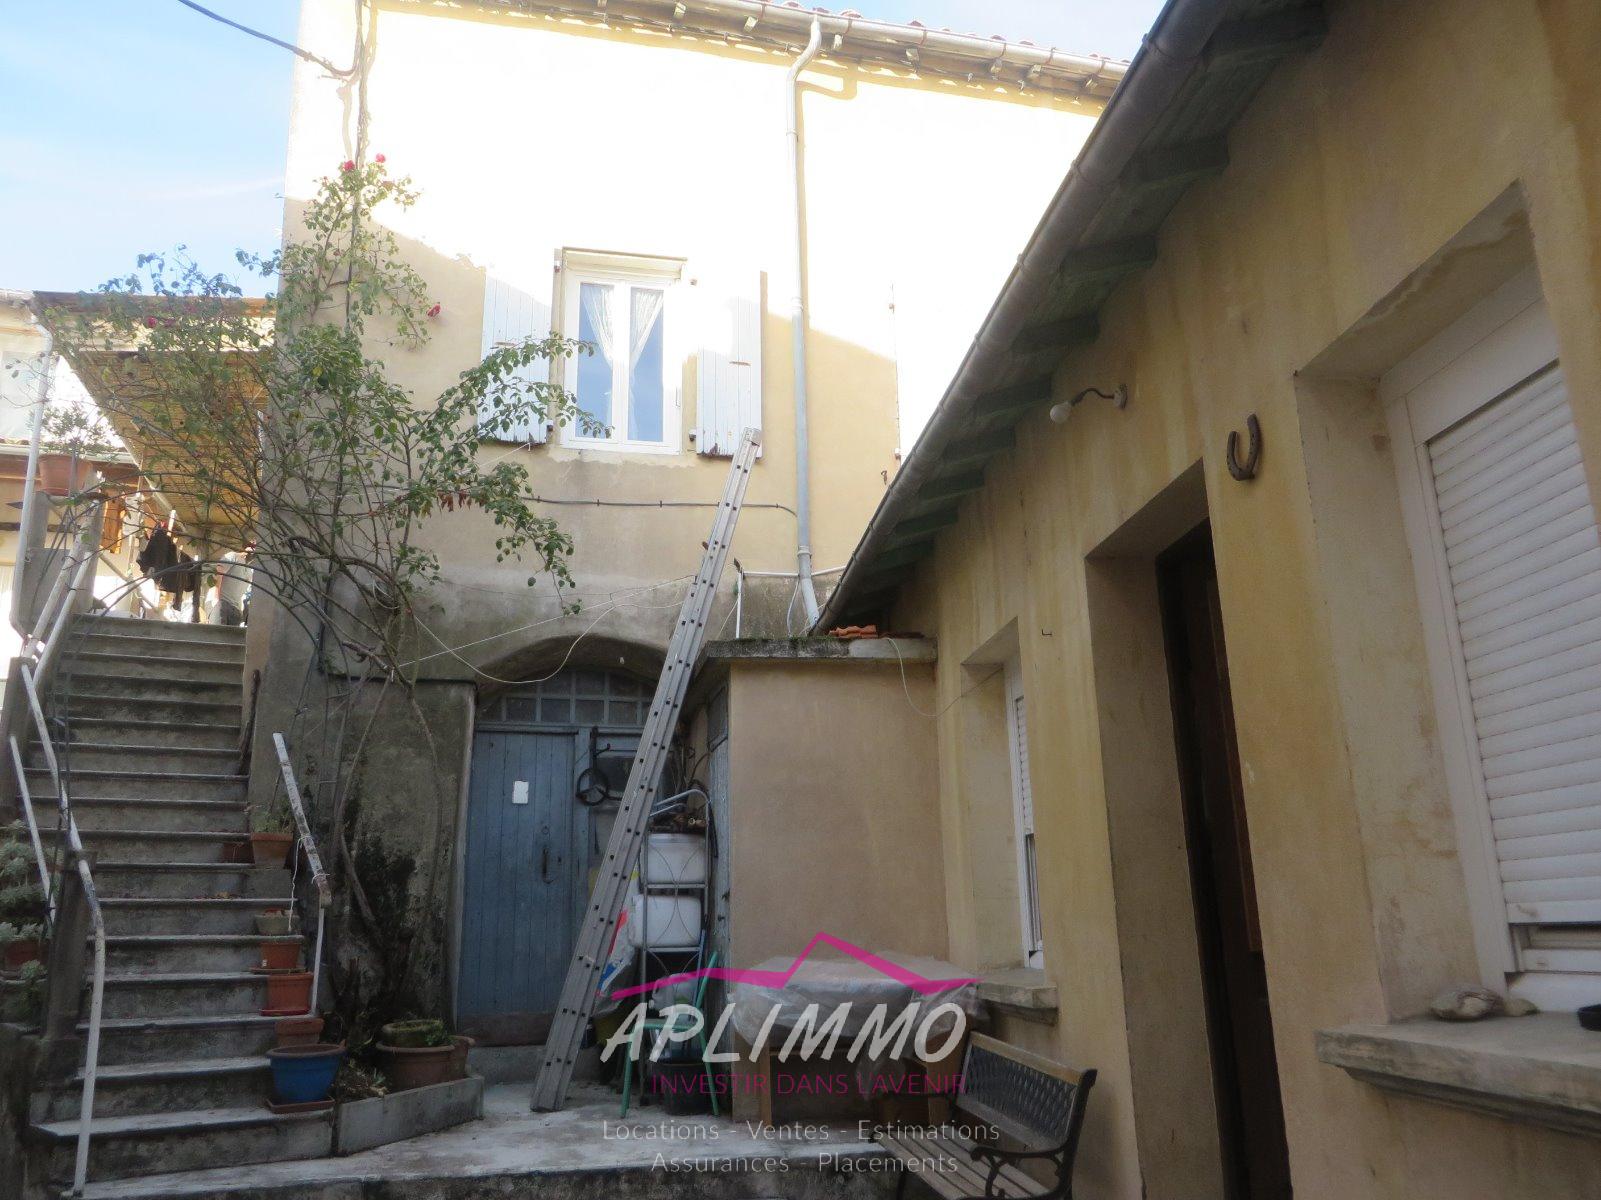 Vente le teil maison en pierre avec terrasse te 2008 - Vente d une maison en indivision ...